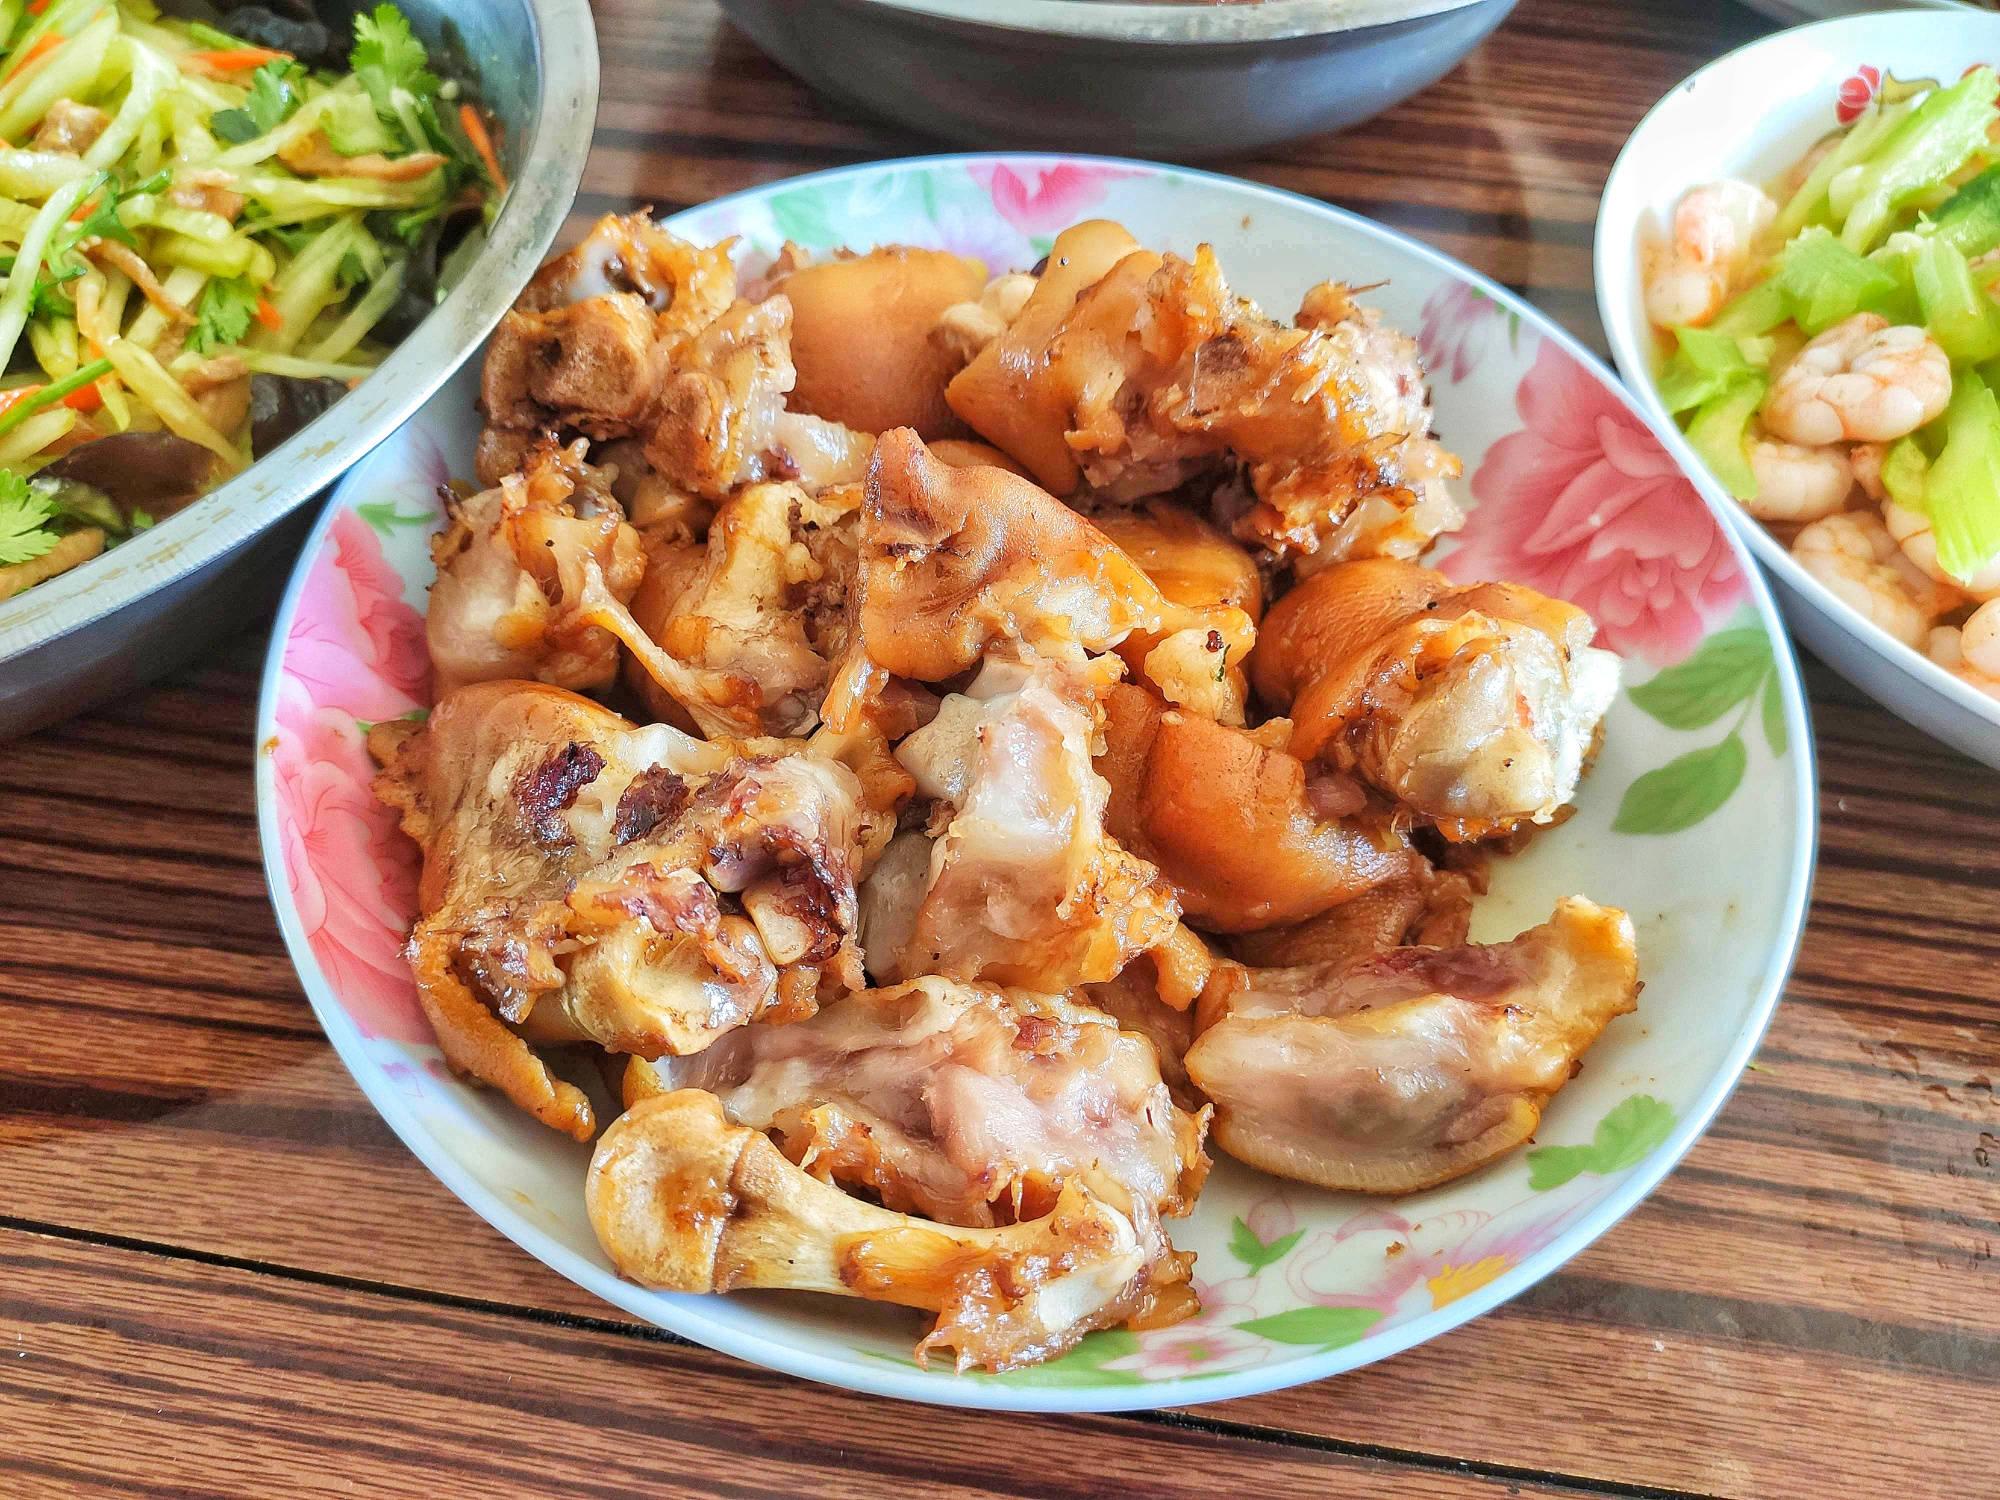 大年初四回娘家,一桌饭菜端盆上,晒朋友圈:一看就是东北人